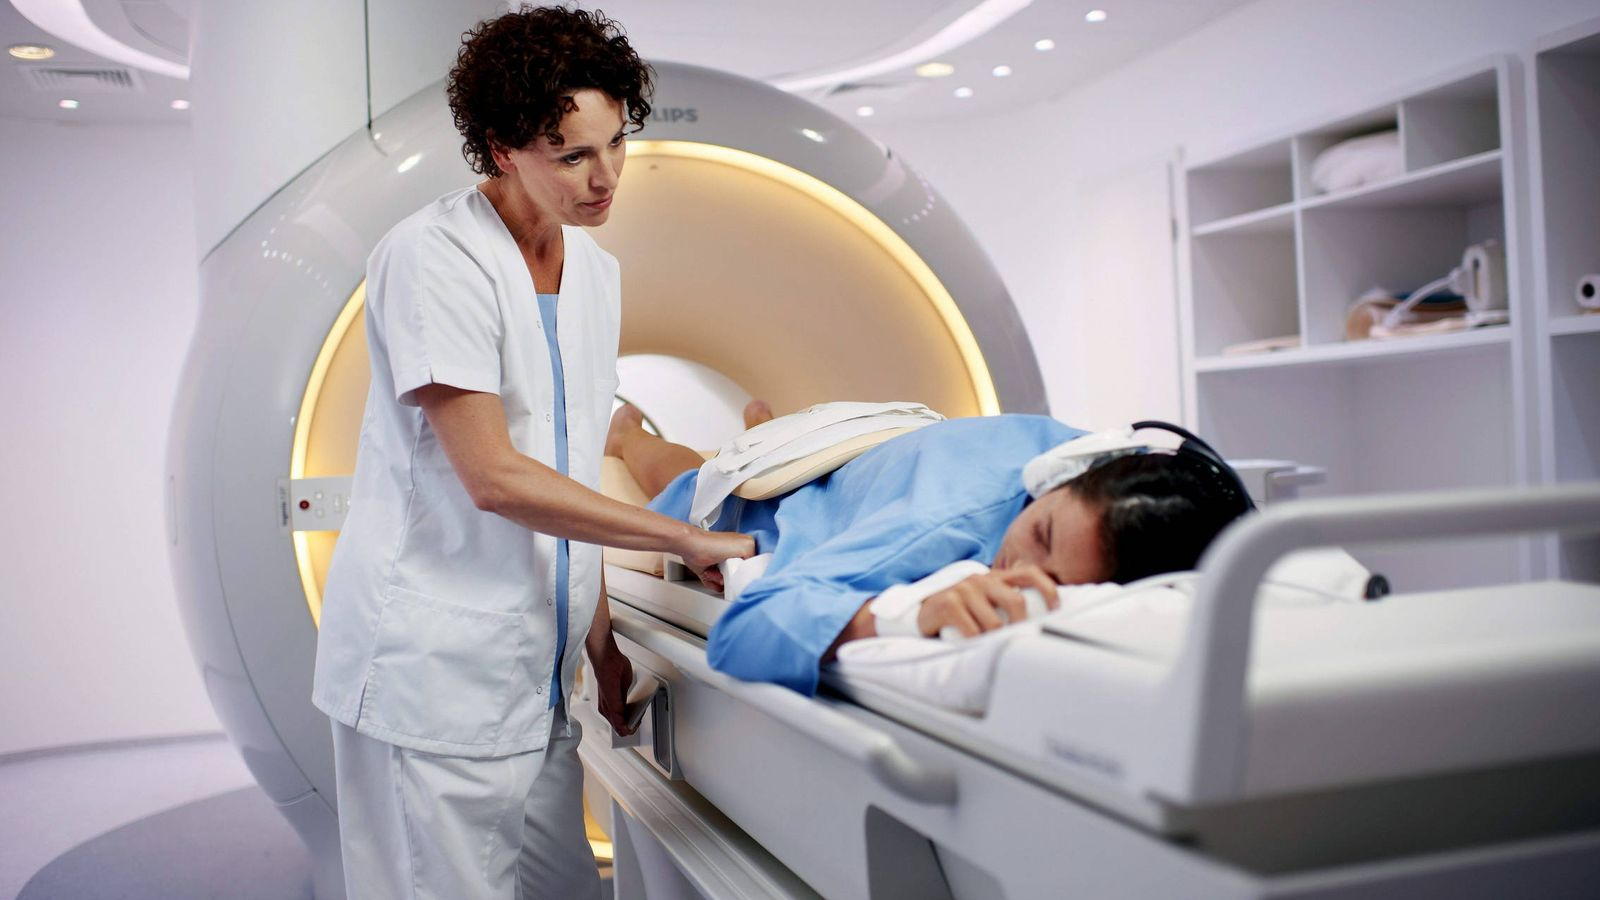 """Foto: Los expertos creen que """"la técnica es prometedora para el tratamiento de otros tumores sólidos"""" (EFE)"""